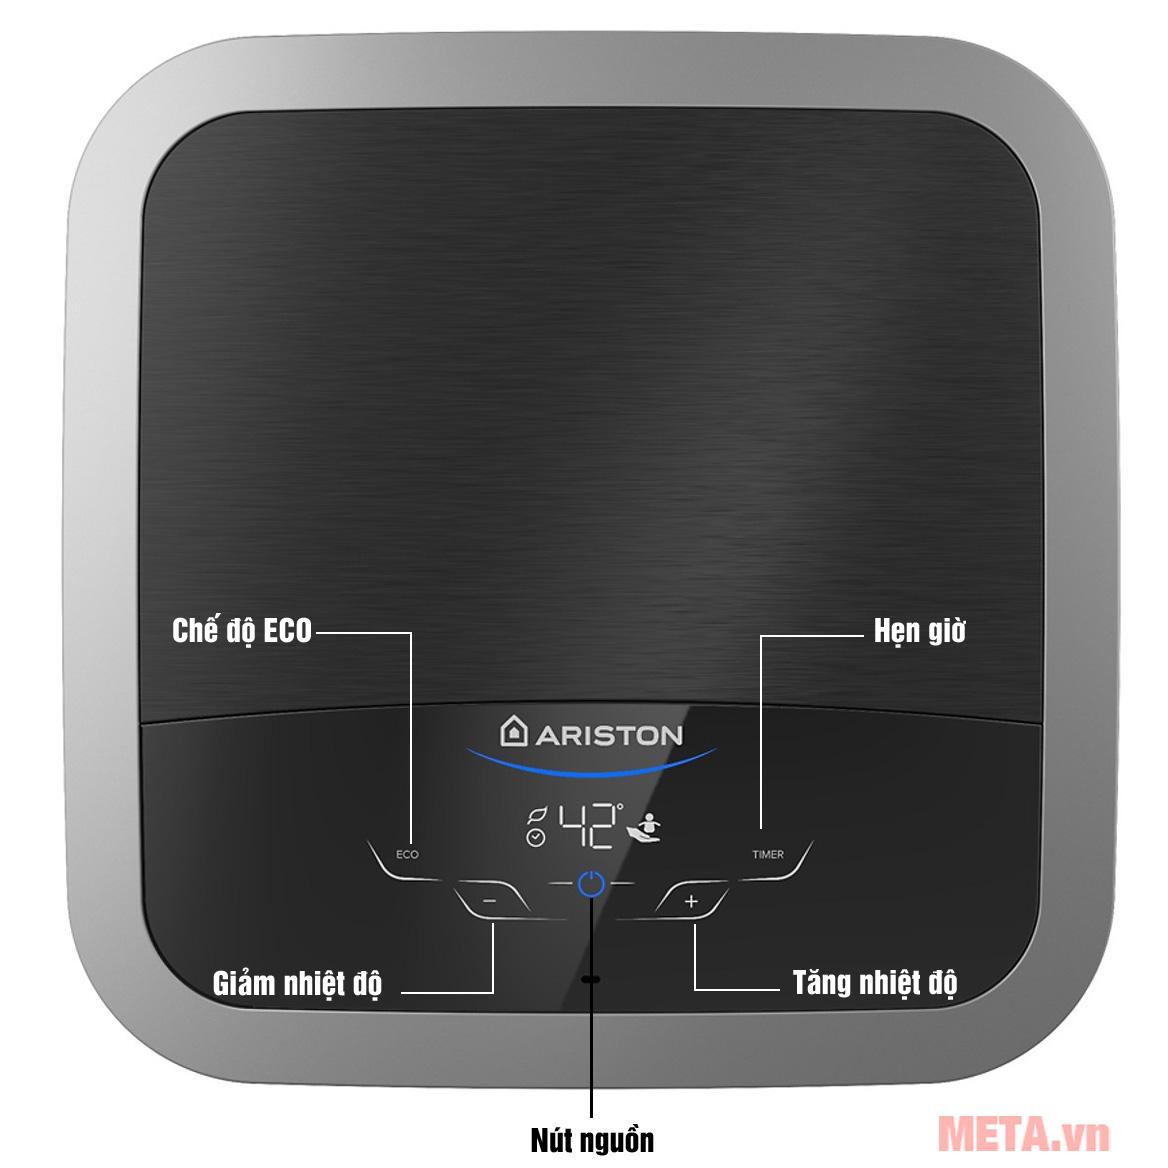 Ariston AN2 15 Top Wifi